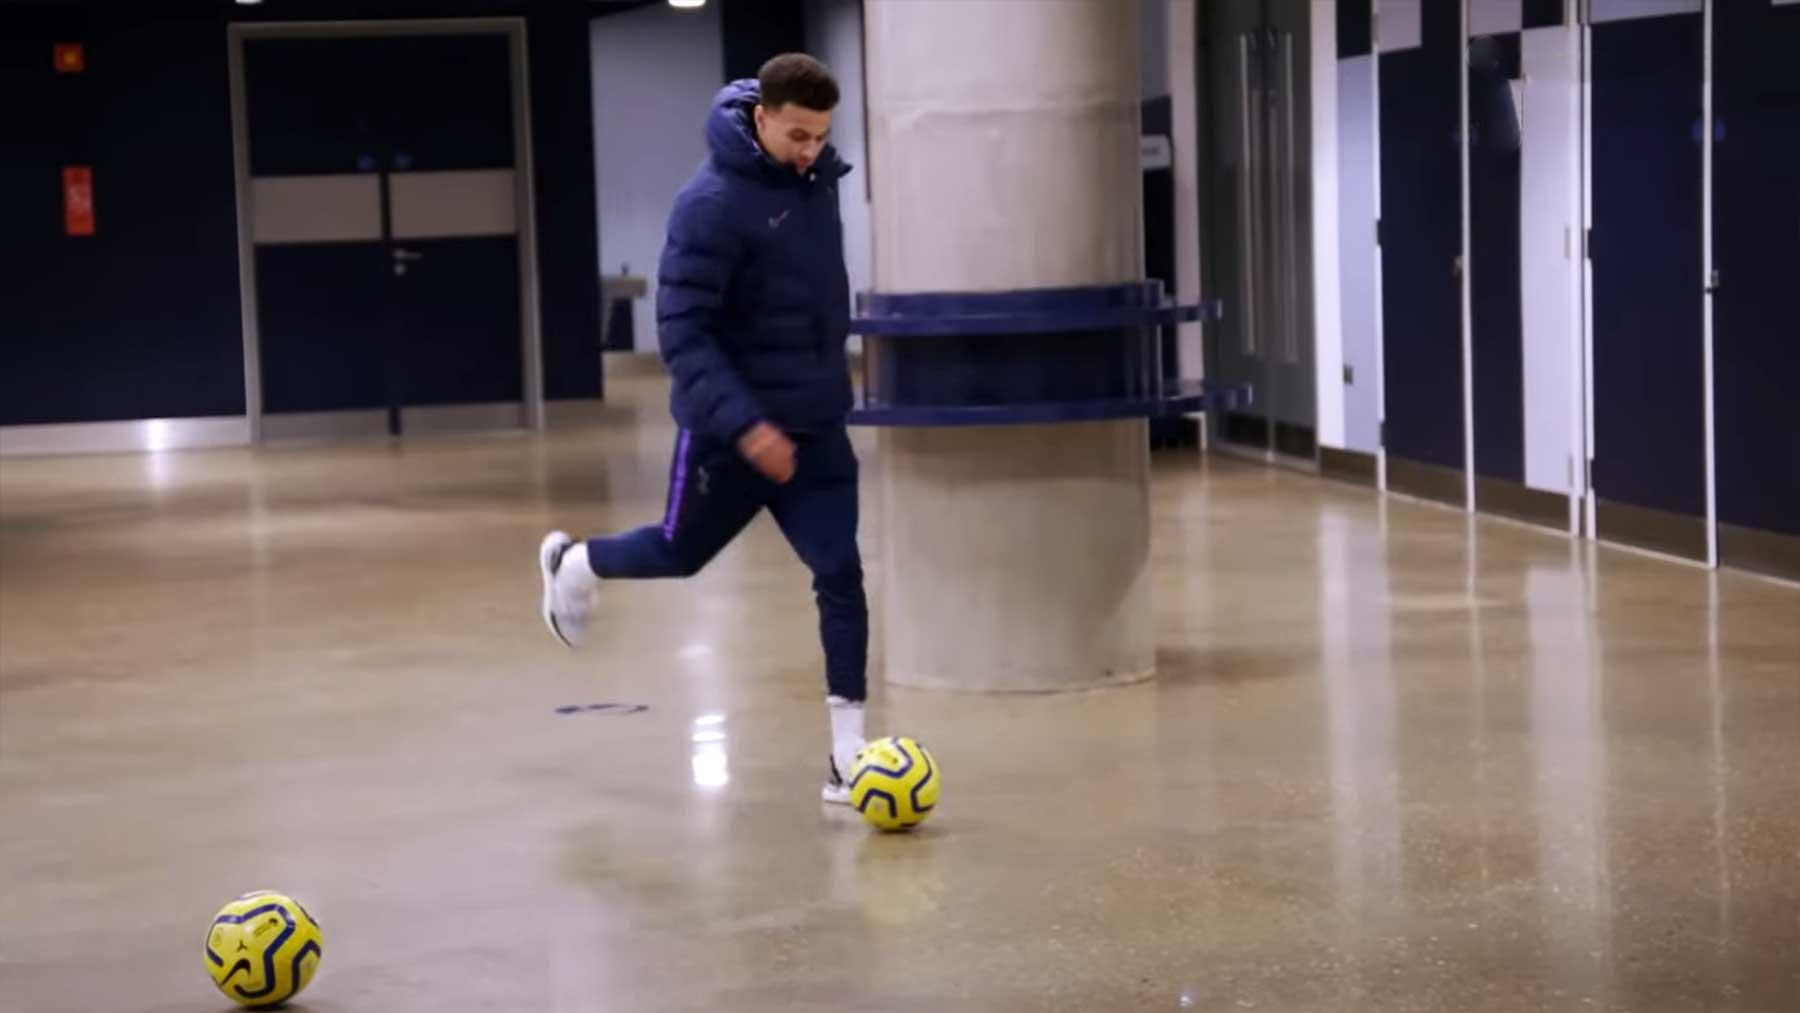 Tottenham Hotspur-Profis spielen Fußball-Golf durchs Stadion